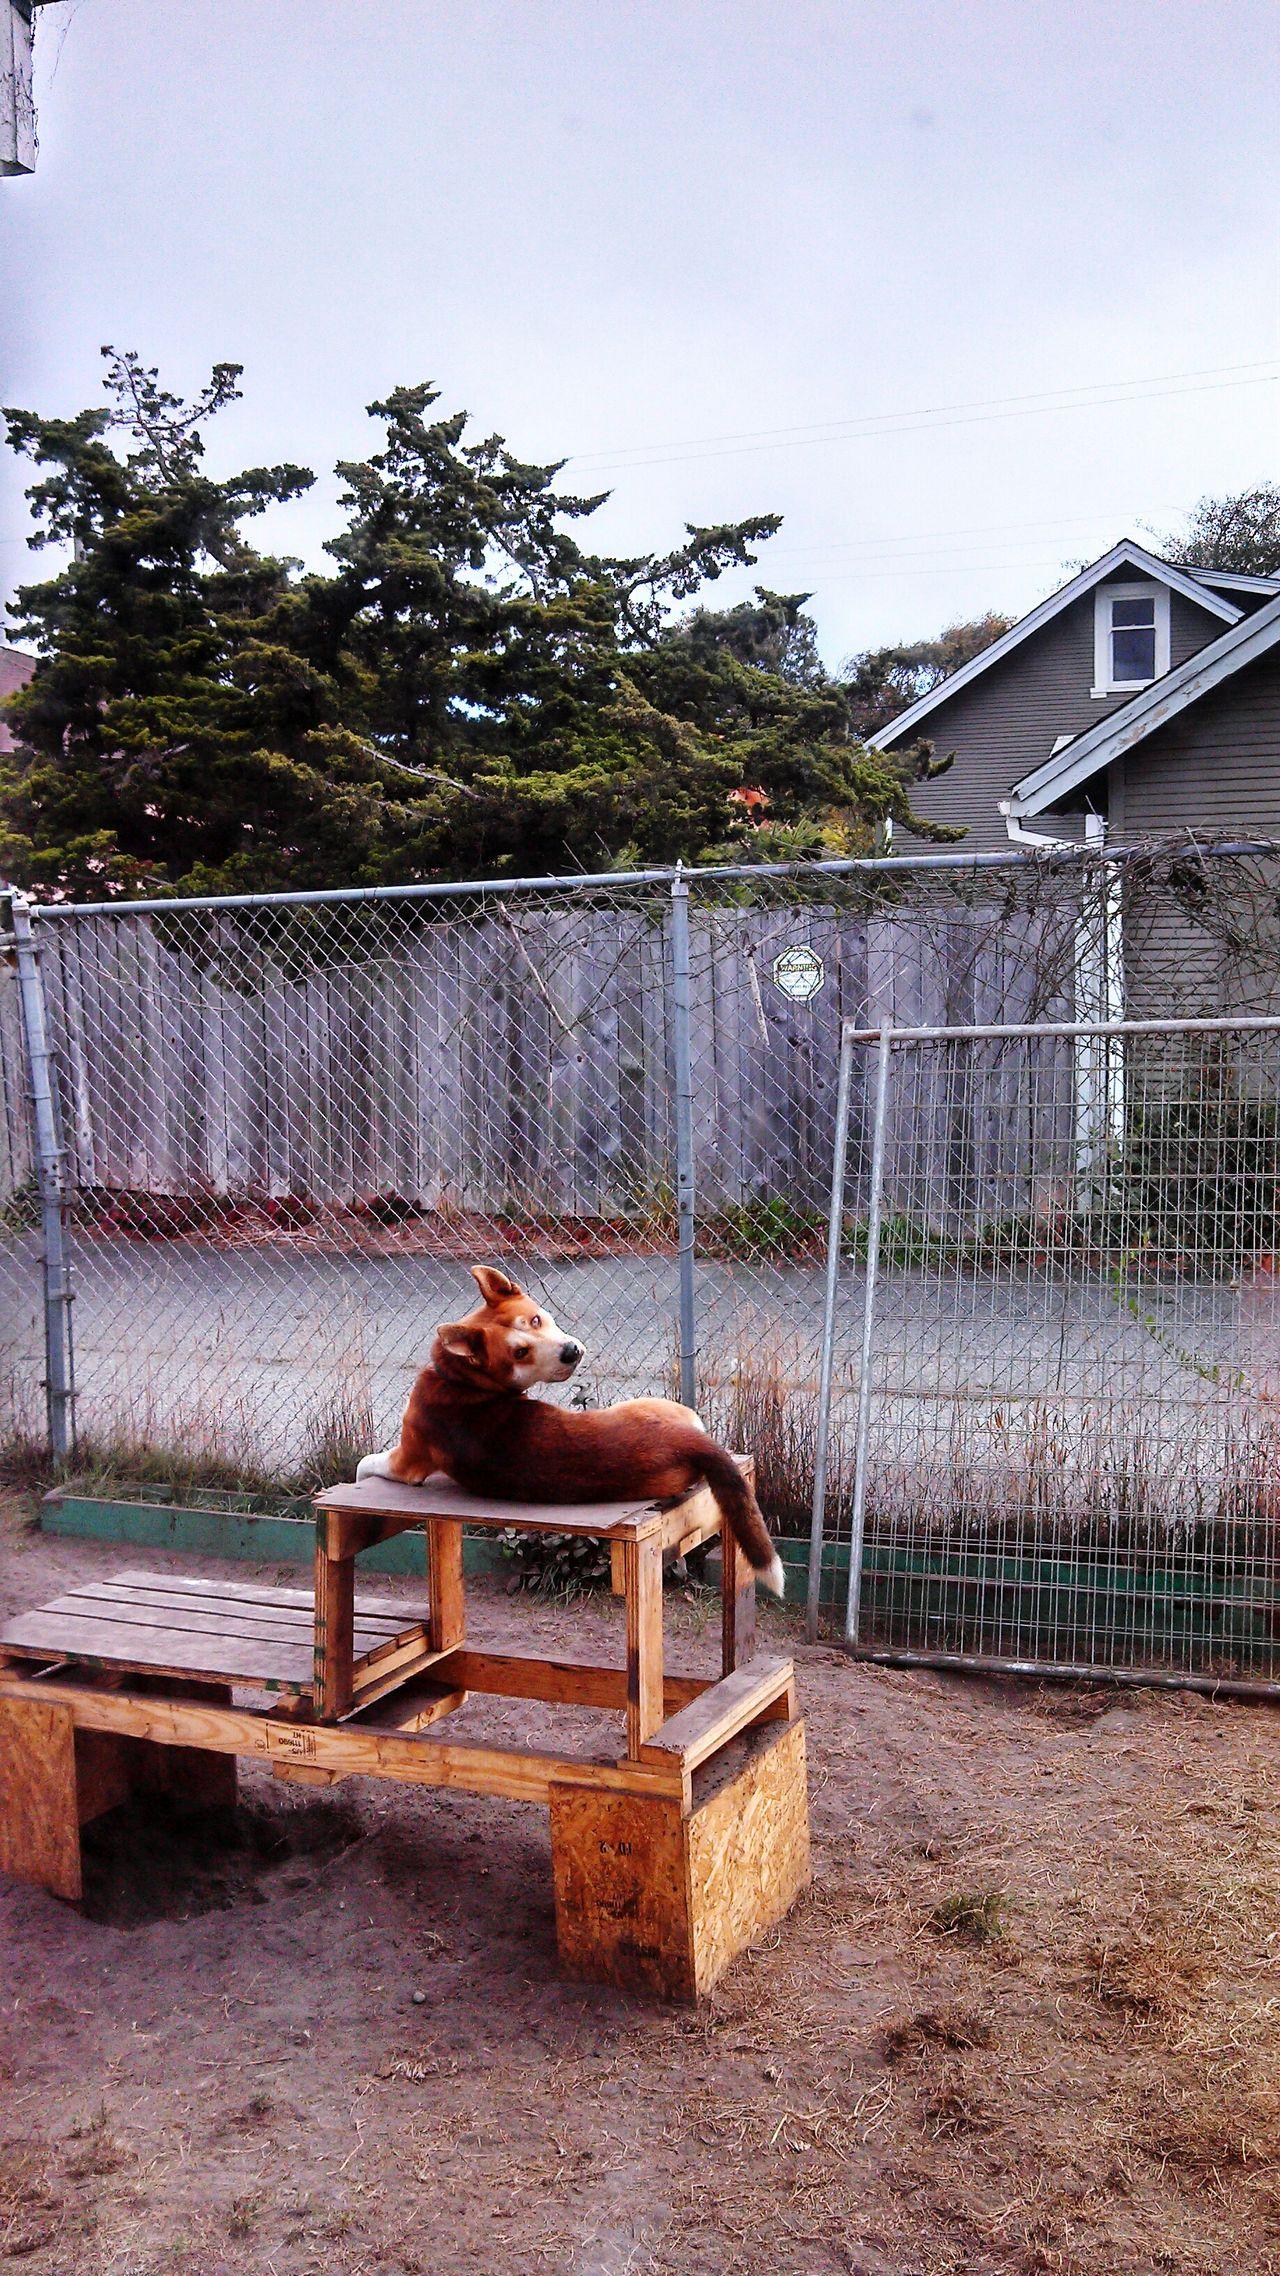 Guard Dog Cute Dog  Doggy Chillin Doggie At Work Dog Husky Dog Healer